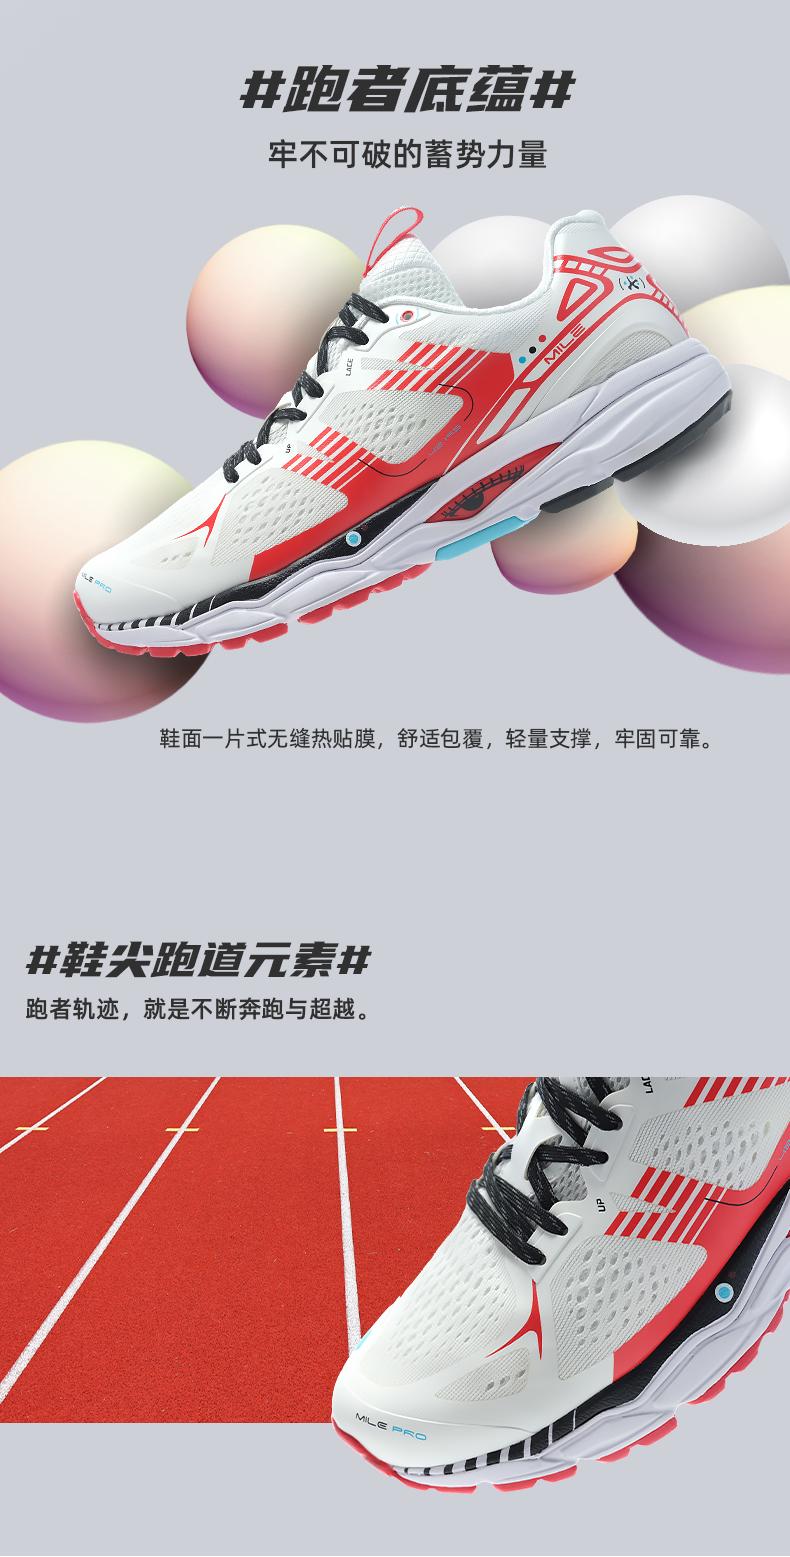 必迈 Mile 2021新品 42K Pro潜能 42公里专业马拉松缓震跑步鞋 图10